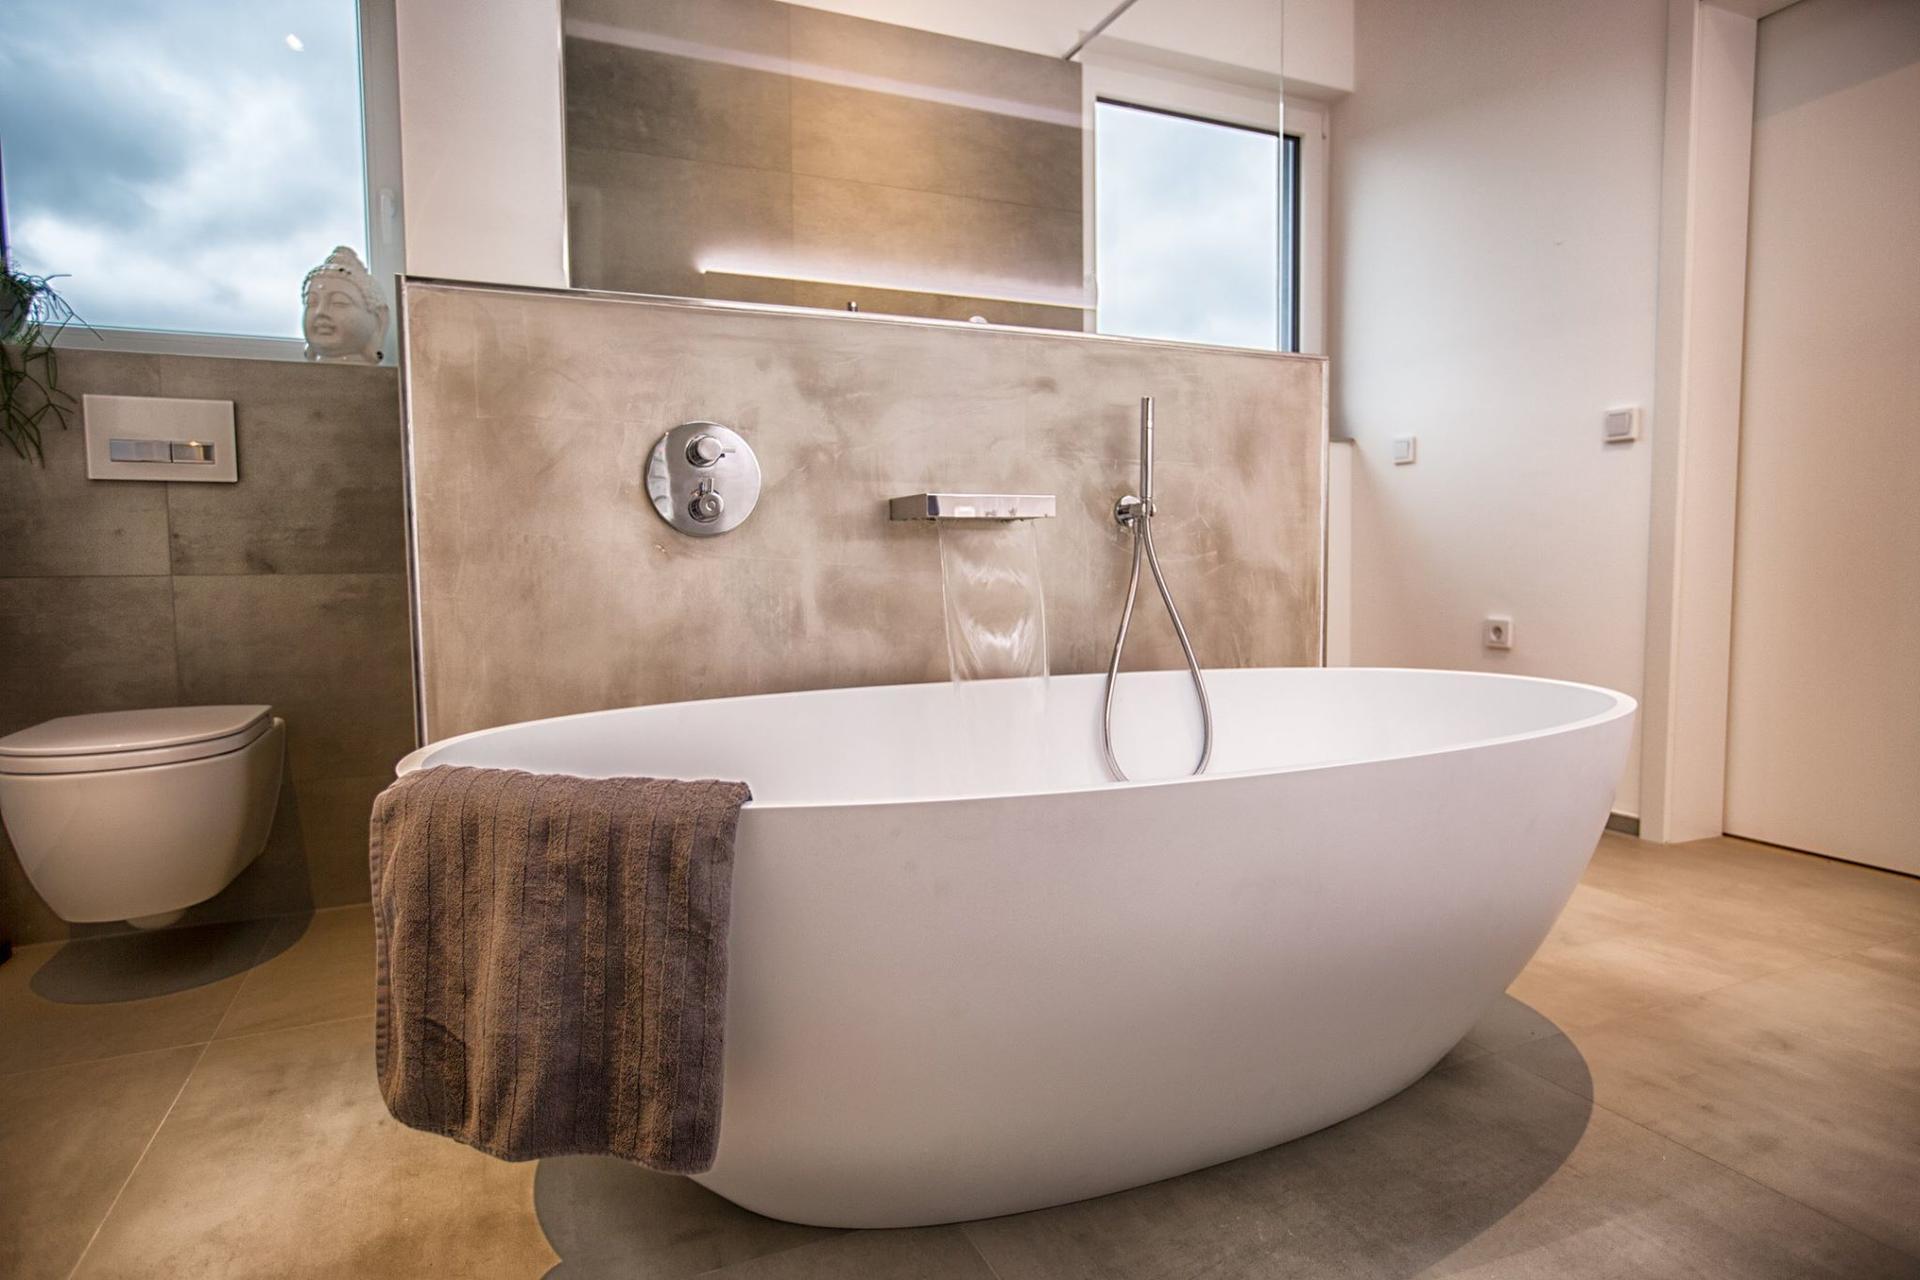 Mejora tu baño con productos sanitarios de superficie sólida KKR